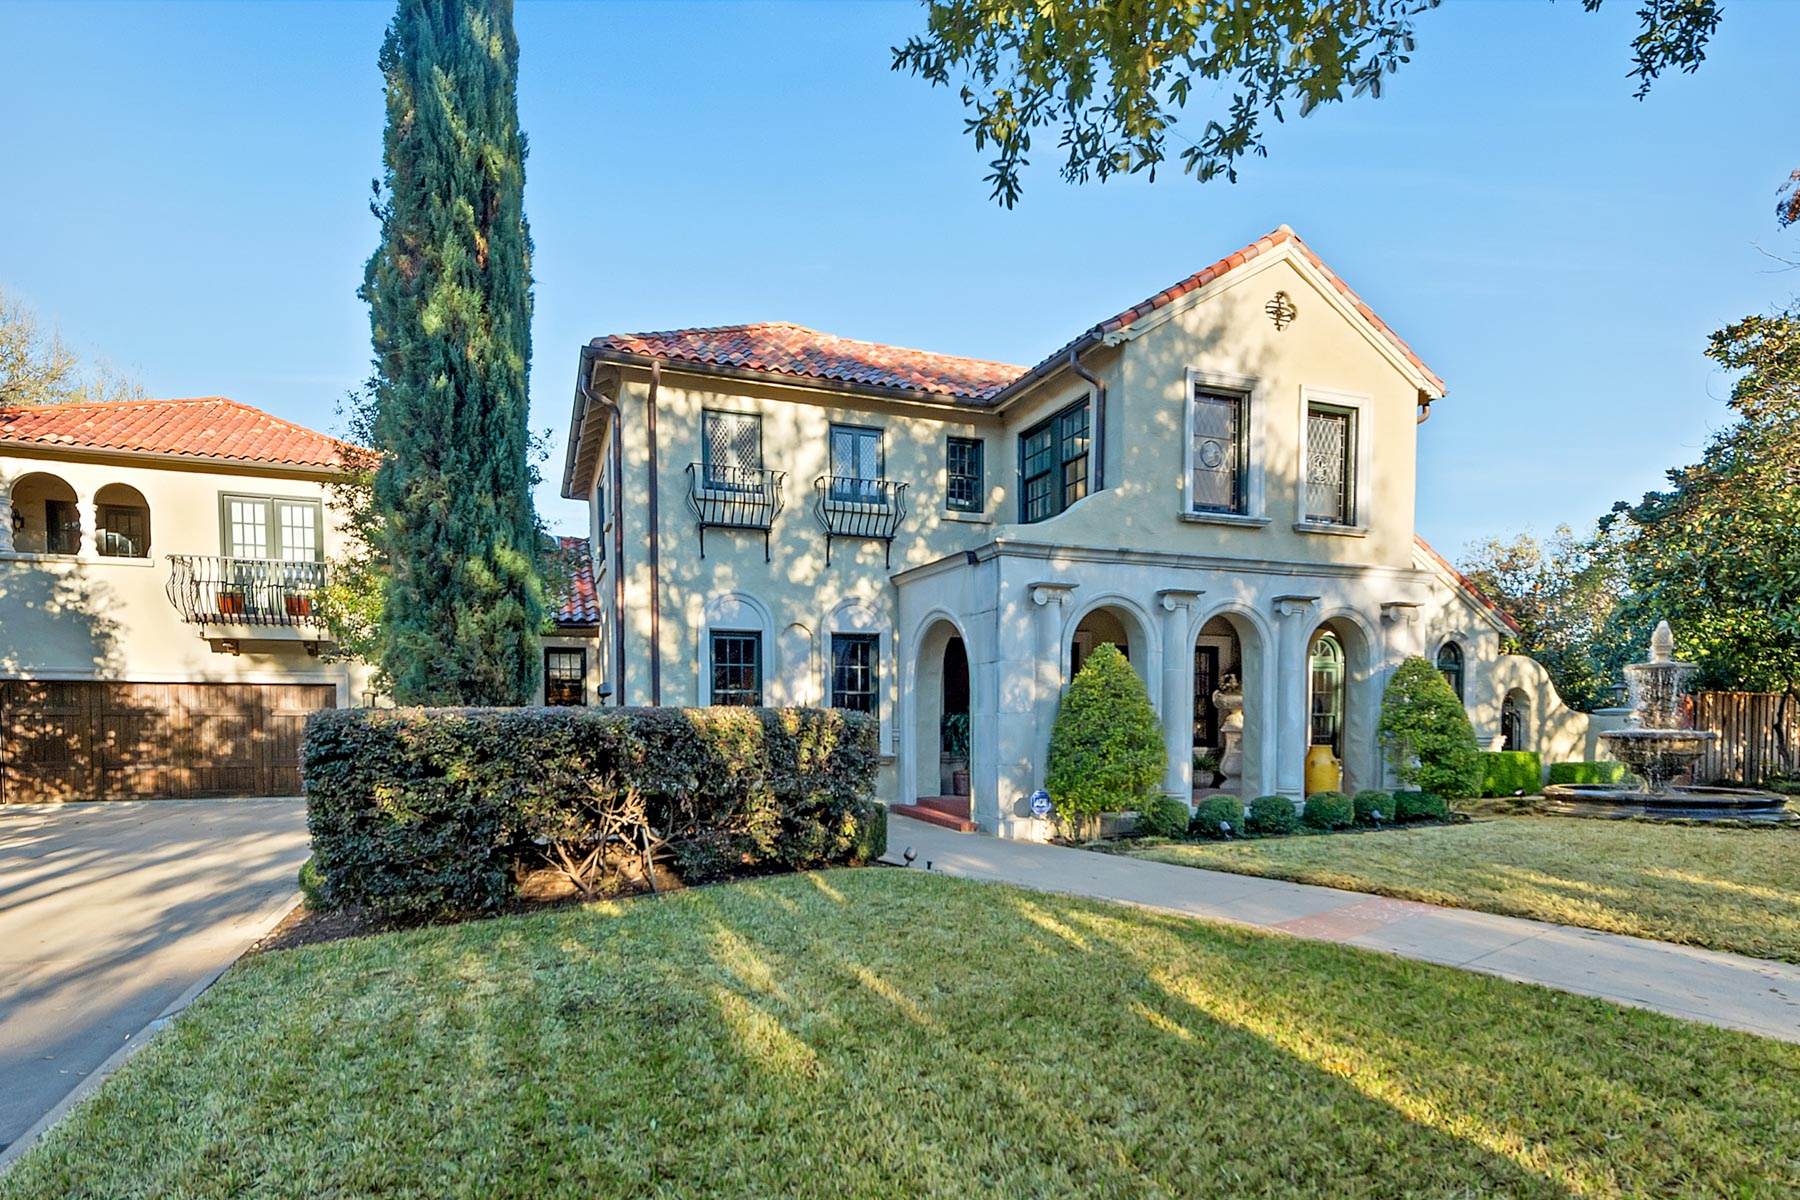 Maison unifamiliale pour l Vente à 2443 Medford Court W, Fort Worth Fort Worth, Texas, 76109 États-Unis